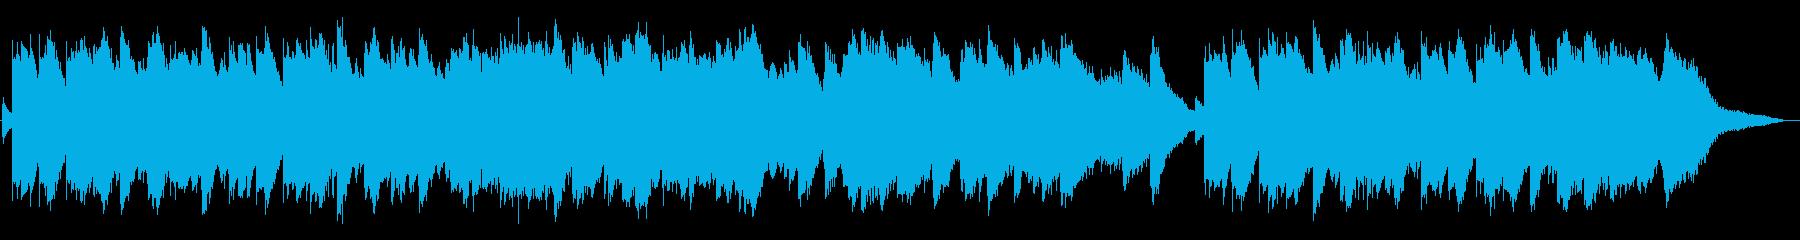 穏やかで切ないメロディー・ハープソロの再生済みの波形